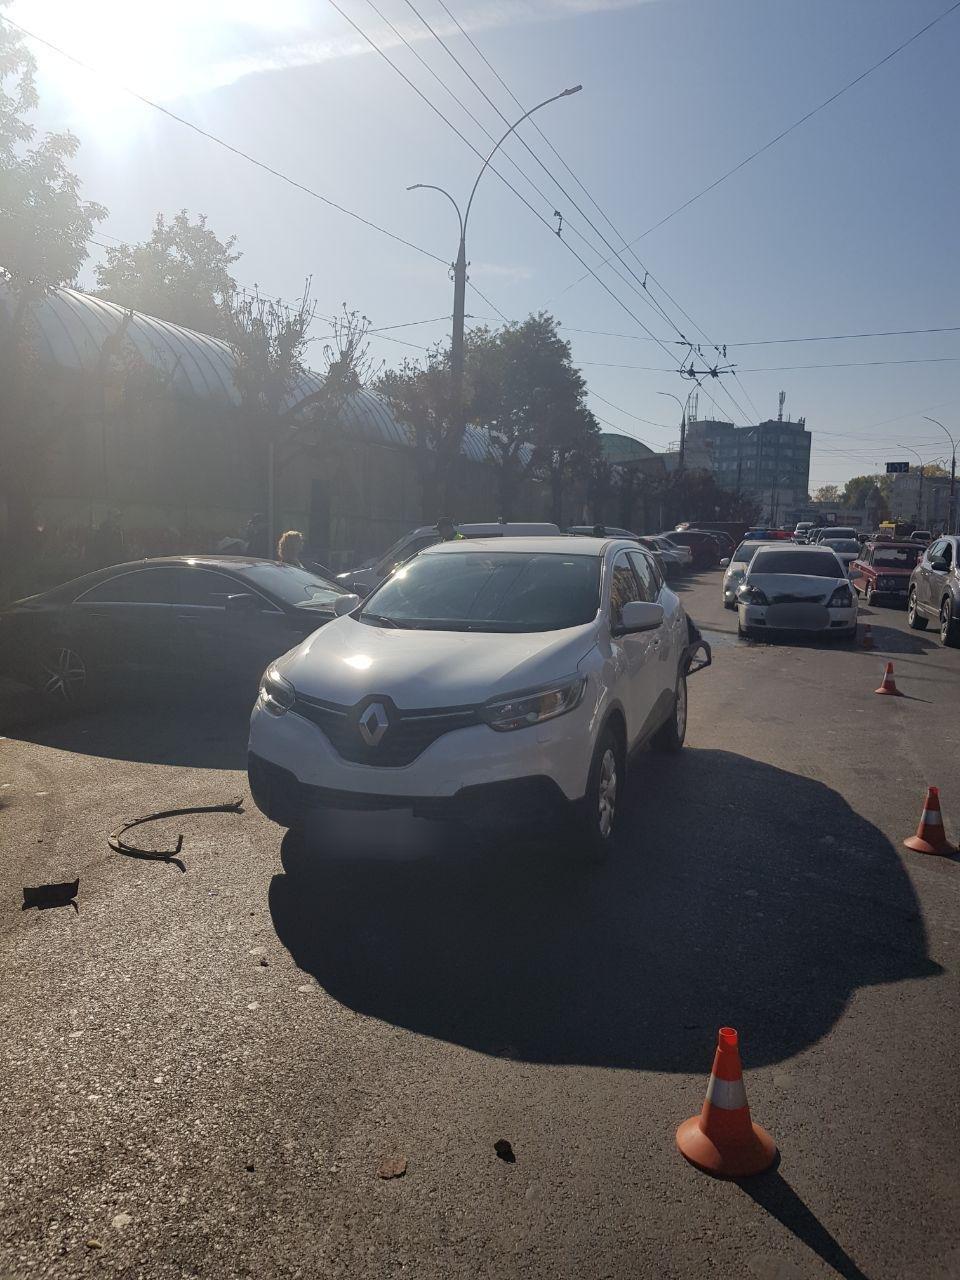 Ускладнений рух на проспекті у Чернівцях через ДТП - ФОТО, фото-1